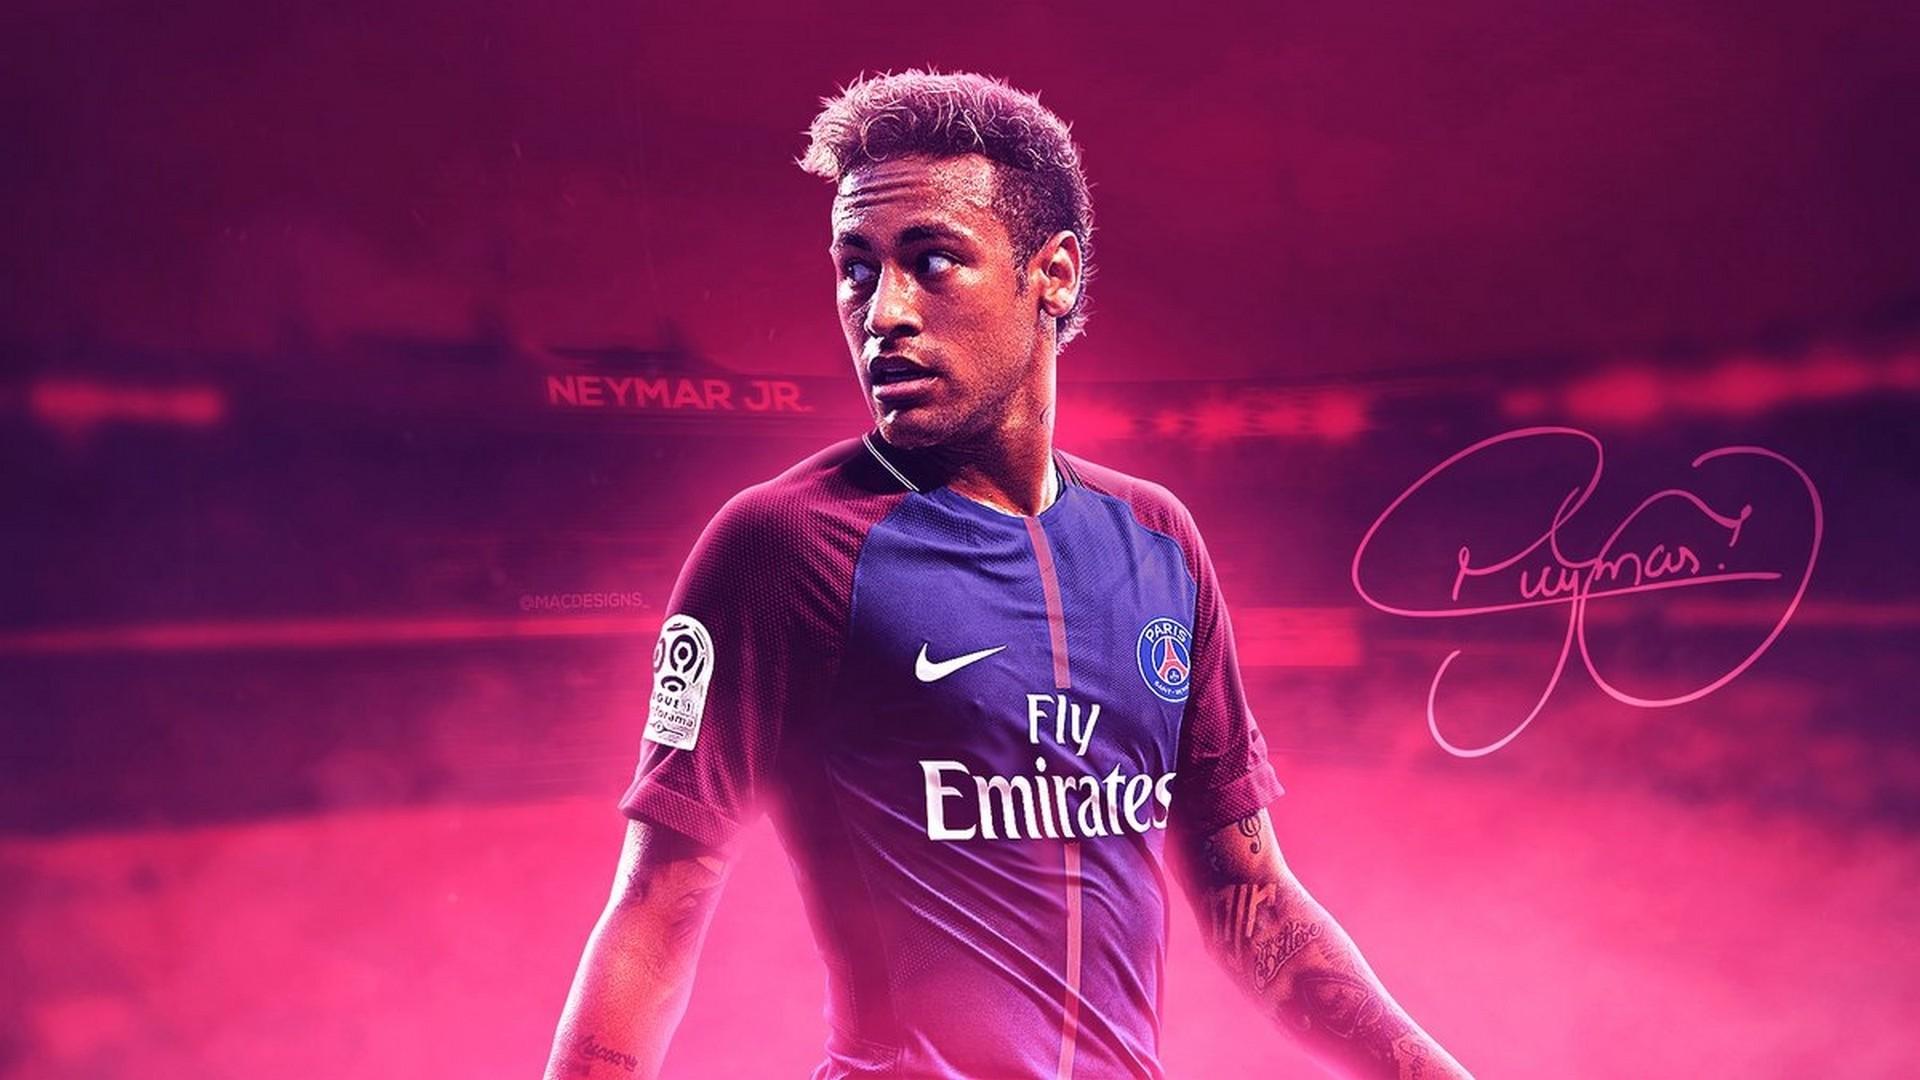 Neymar Download Wallpaper